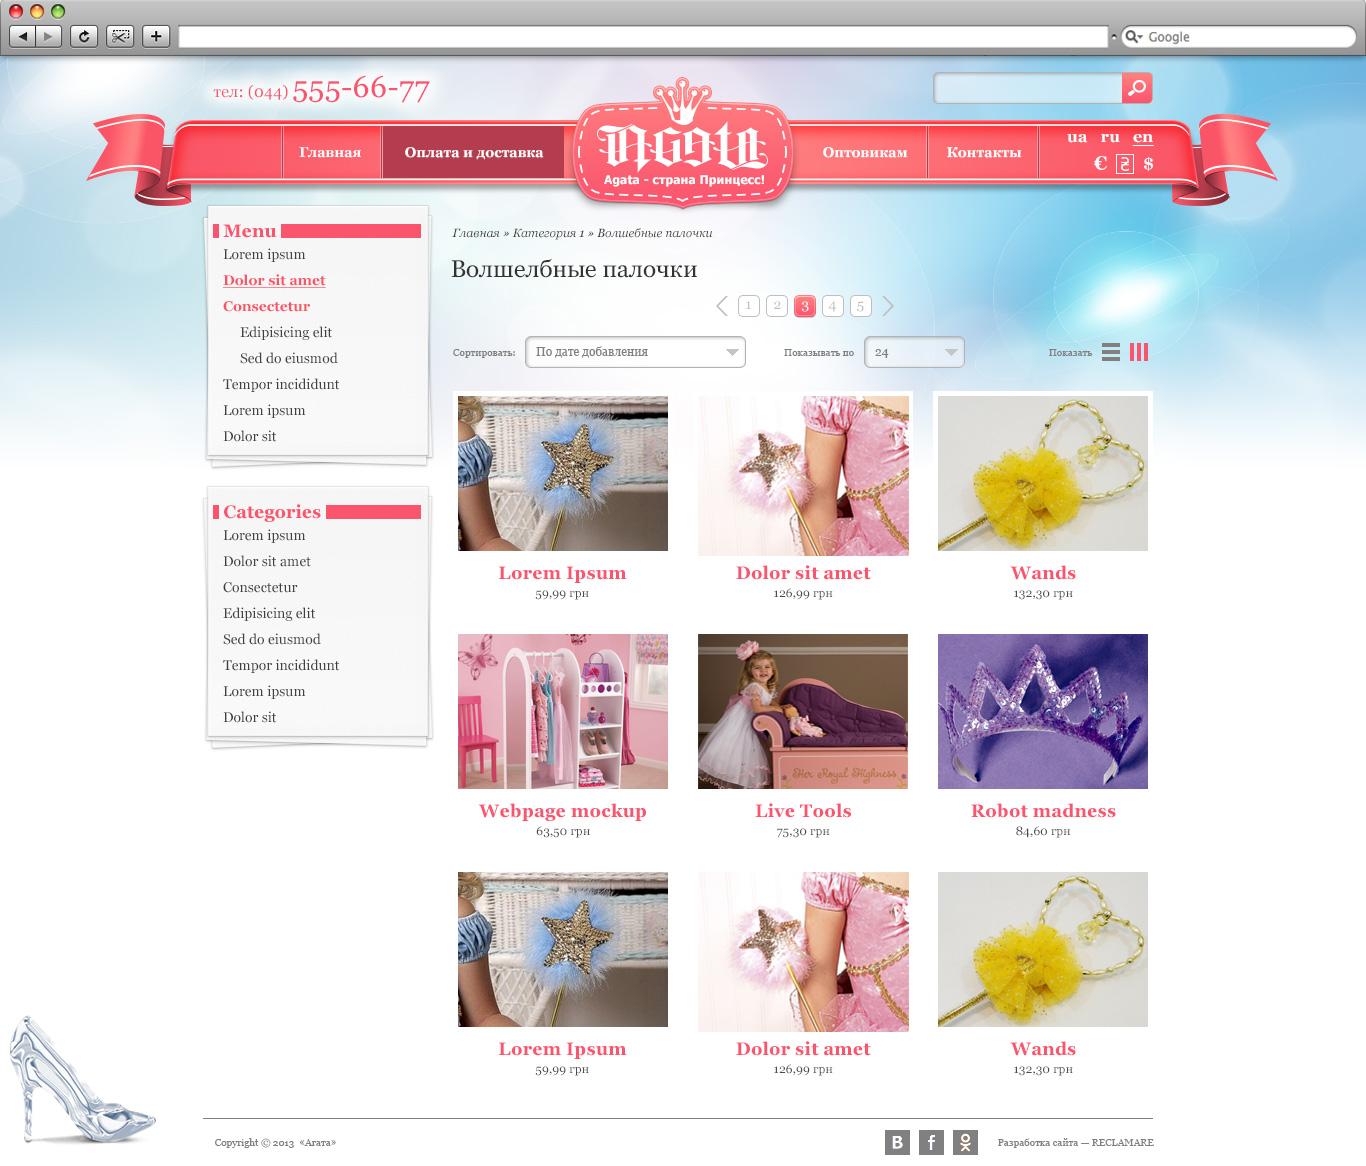 Agata_catalog